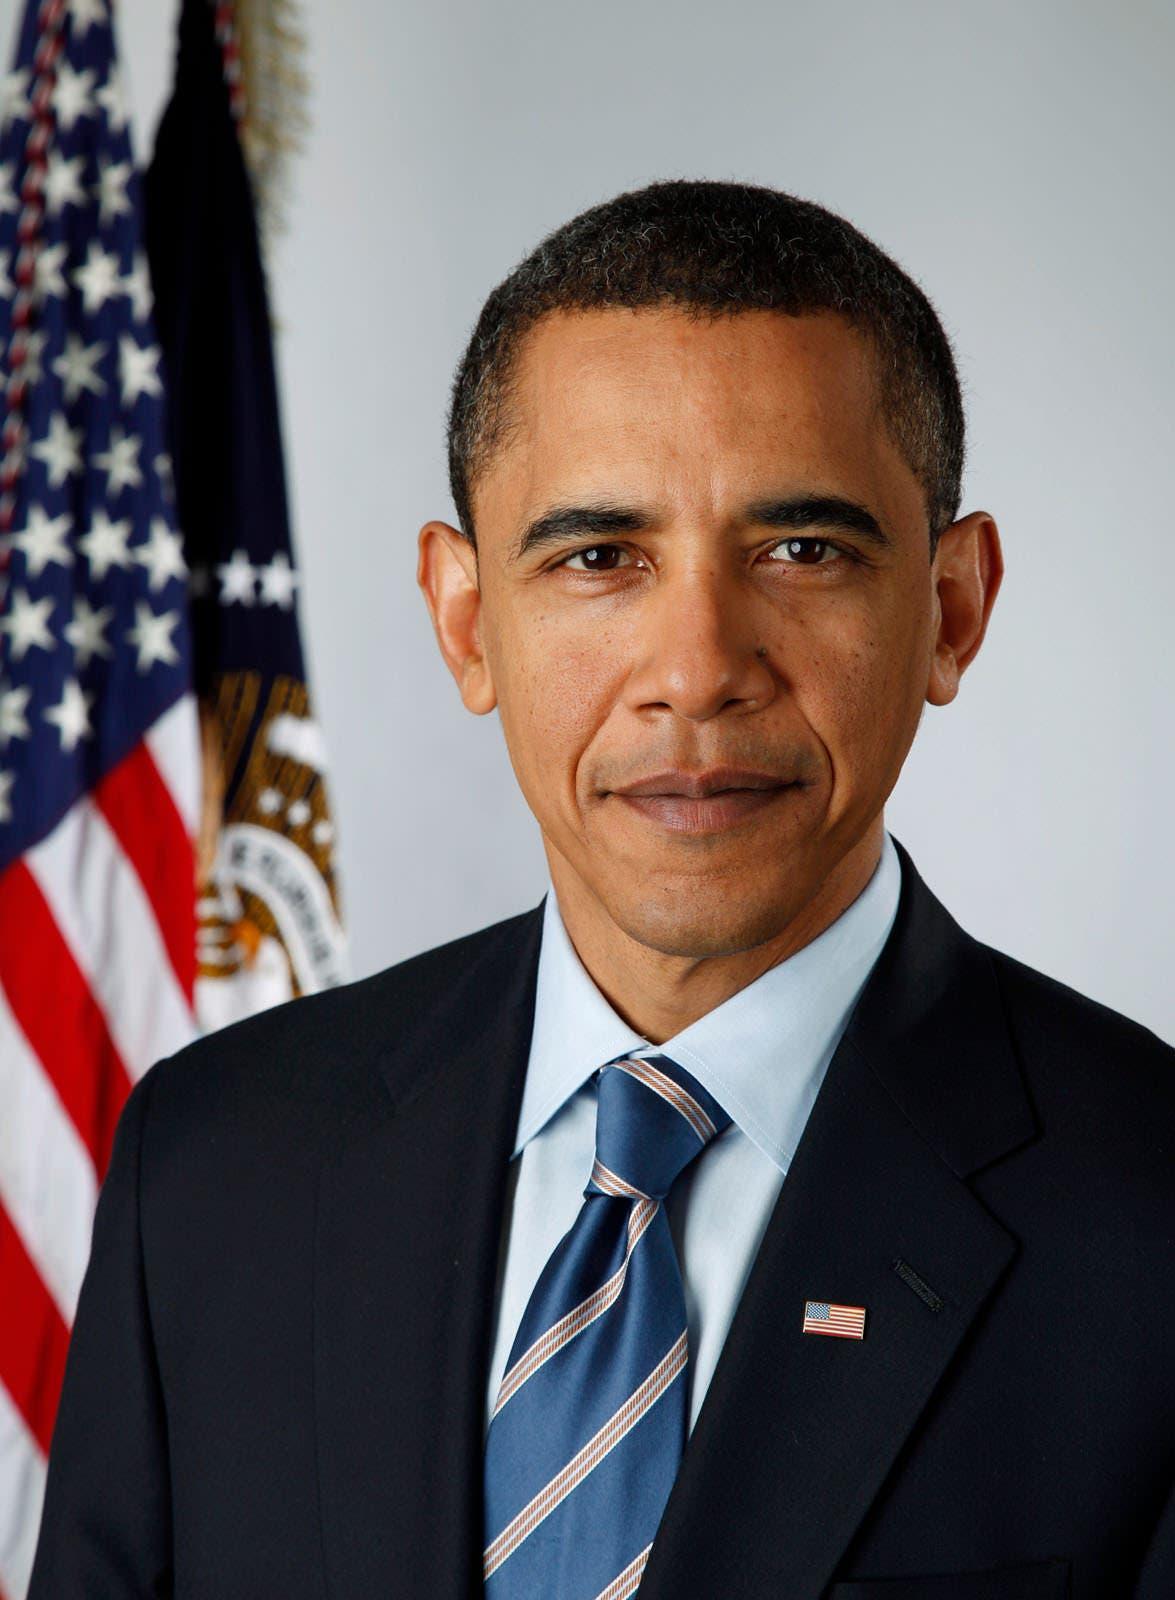 صورة أوباما الرسمية في فترة الرئاسة الأولى